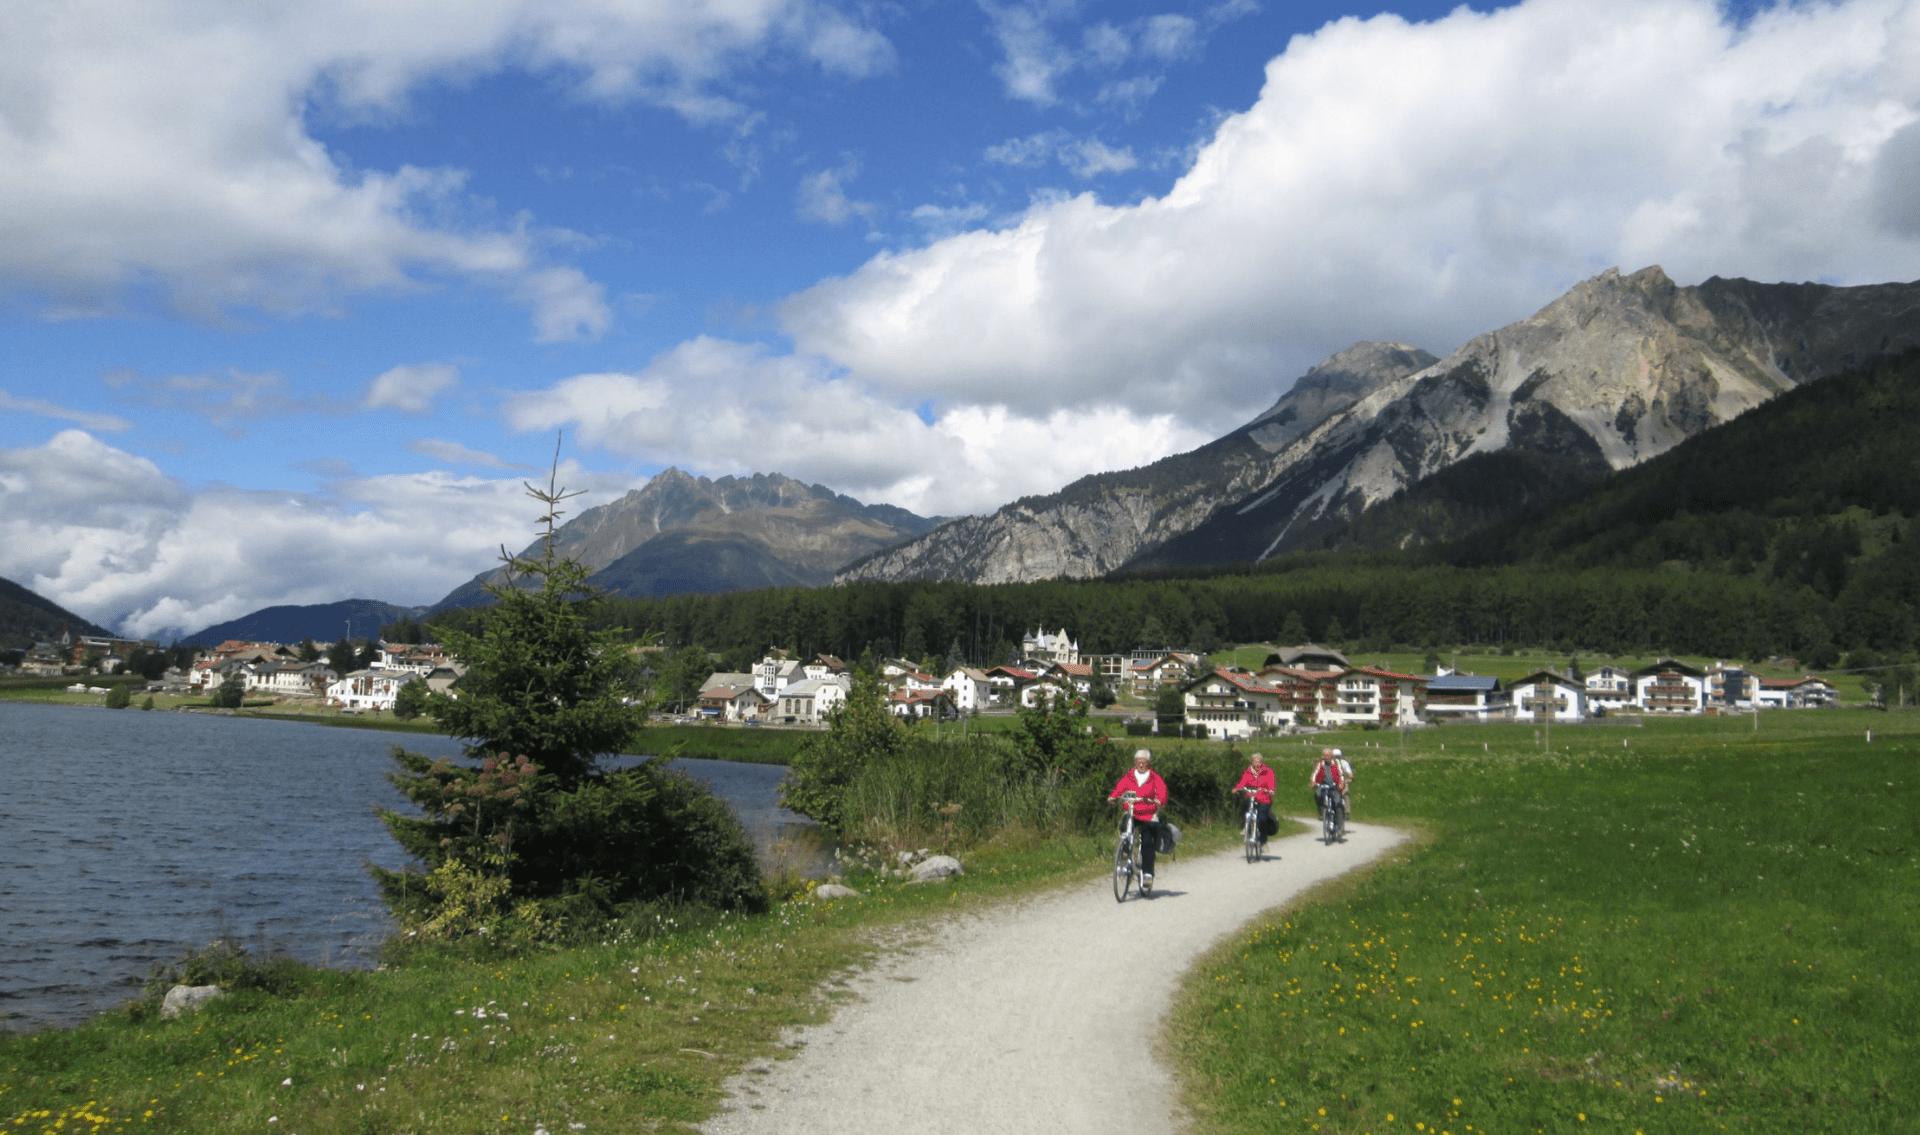 Fietsvakantie langs de Etsch/Adige (tot Arco)